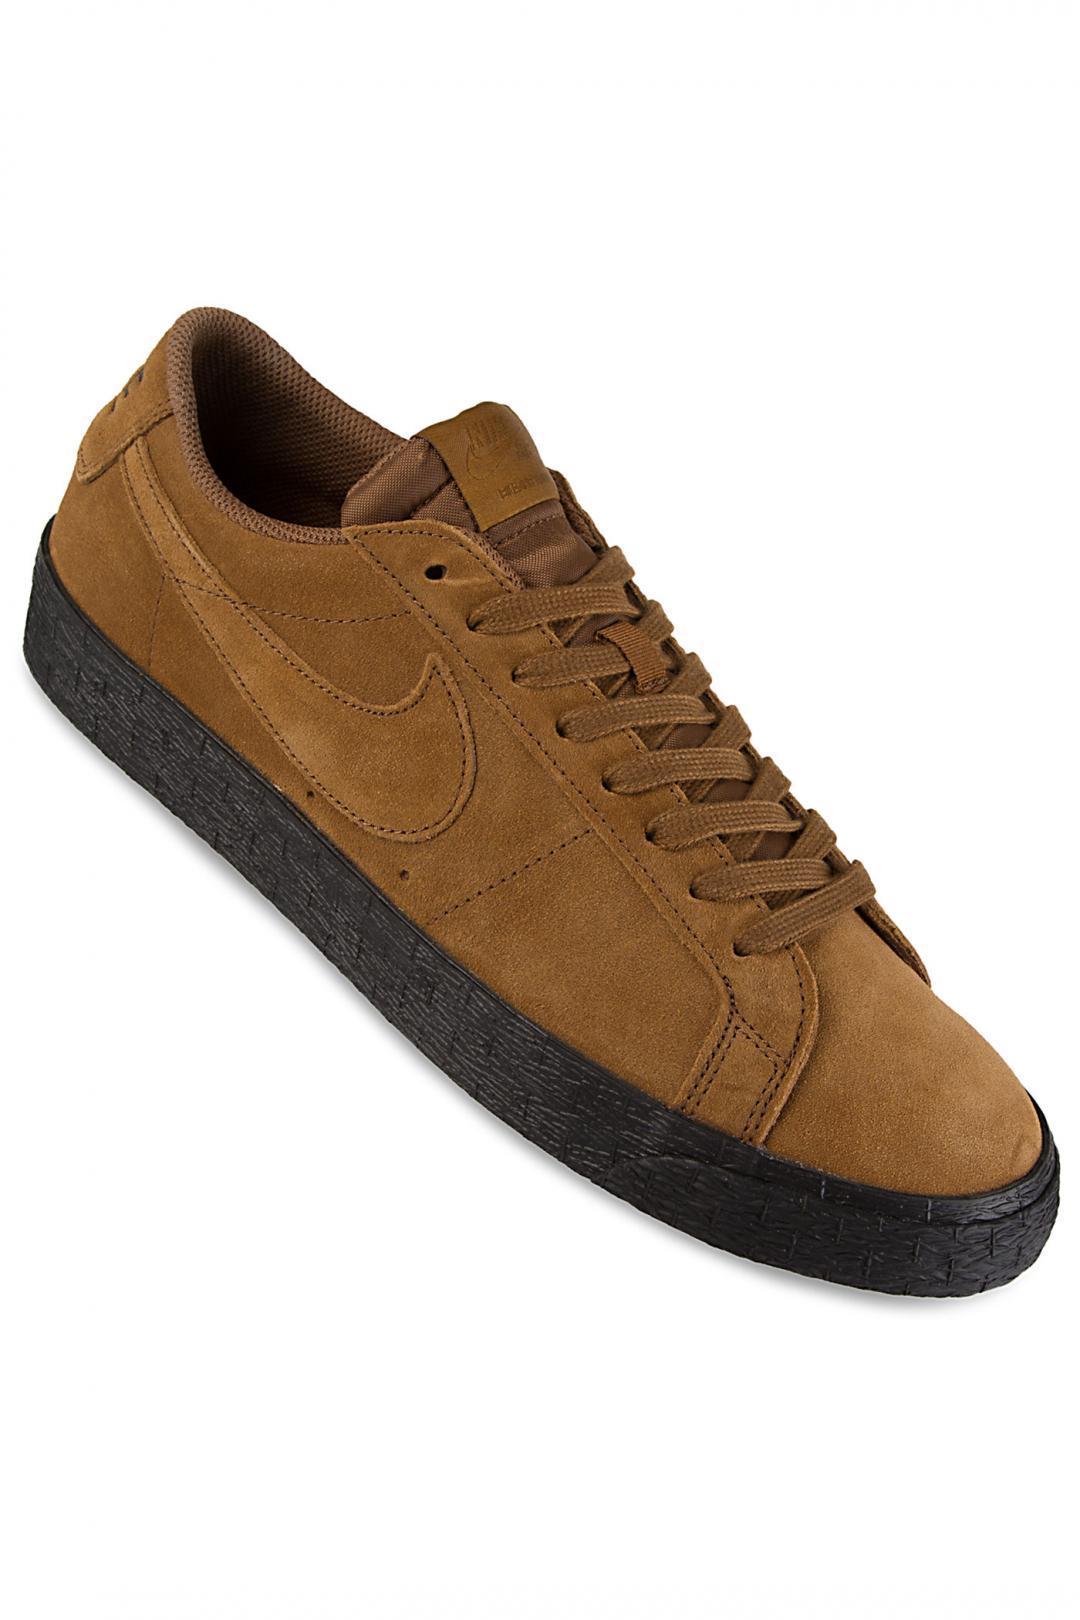 Uomo Nike SB Zoom Blazer Low light british tan black | Scarpe da skate